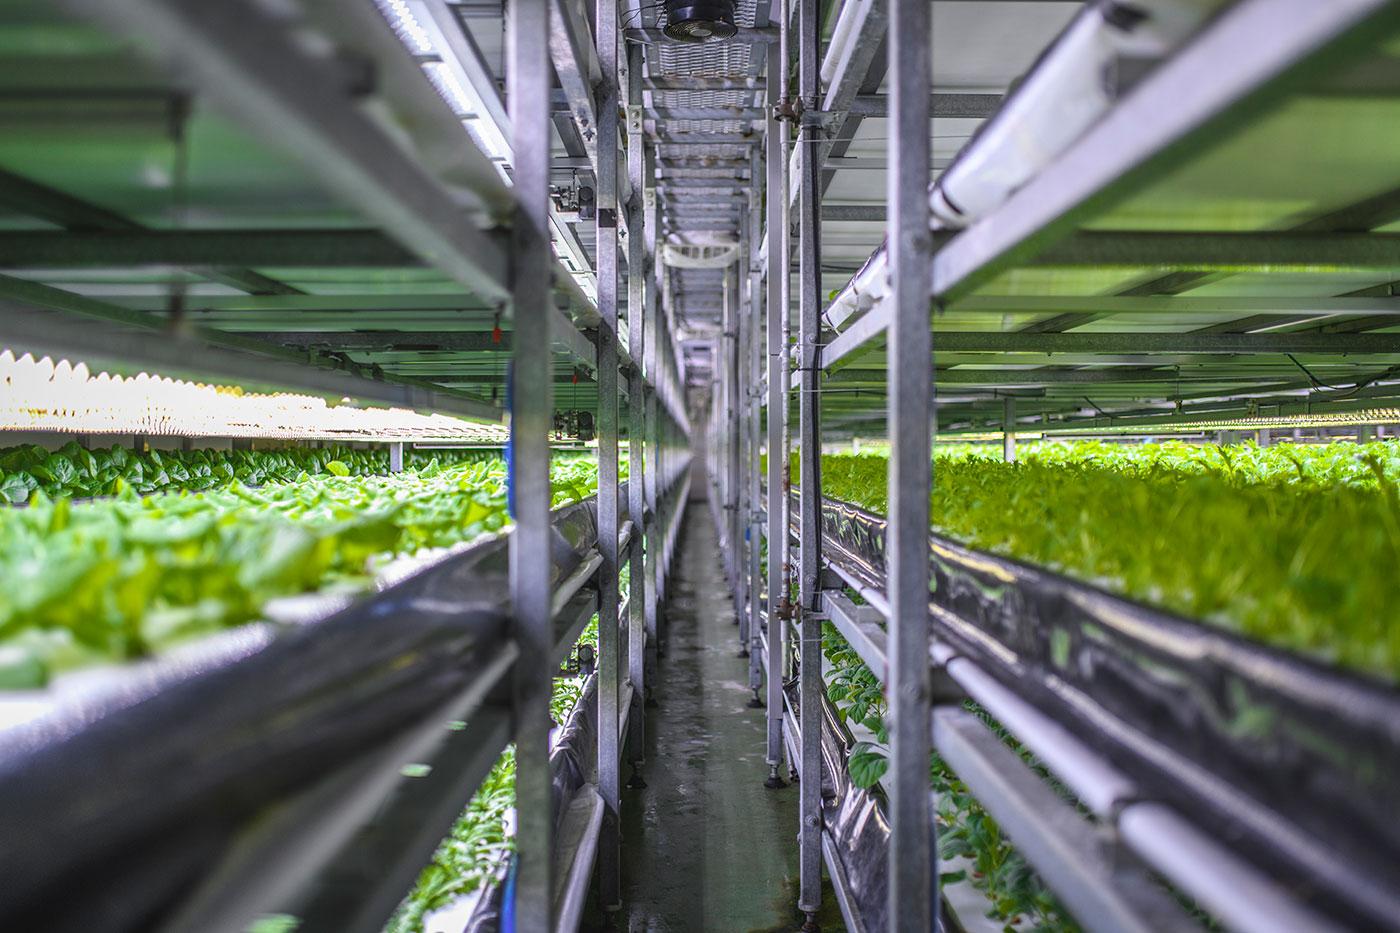 Foto af lange rækker af indendørs landbrug, hvor salat spirer